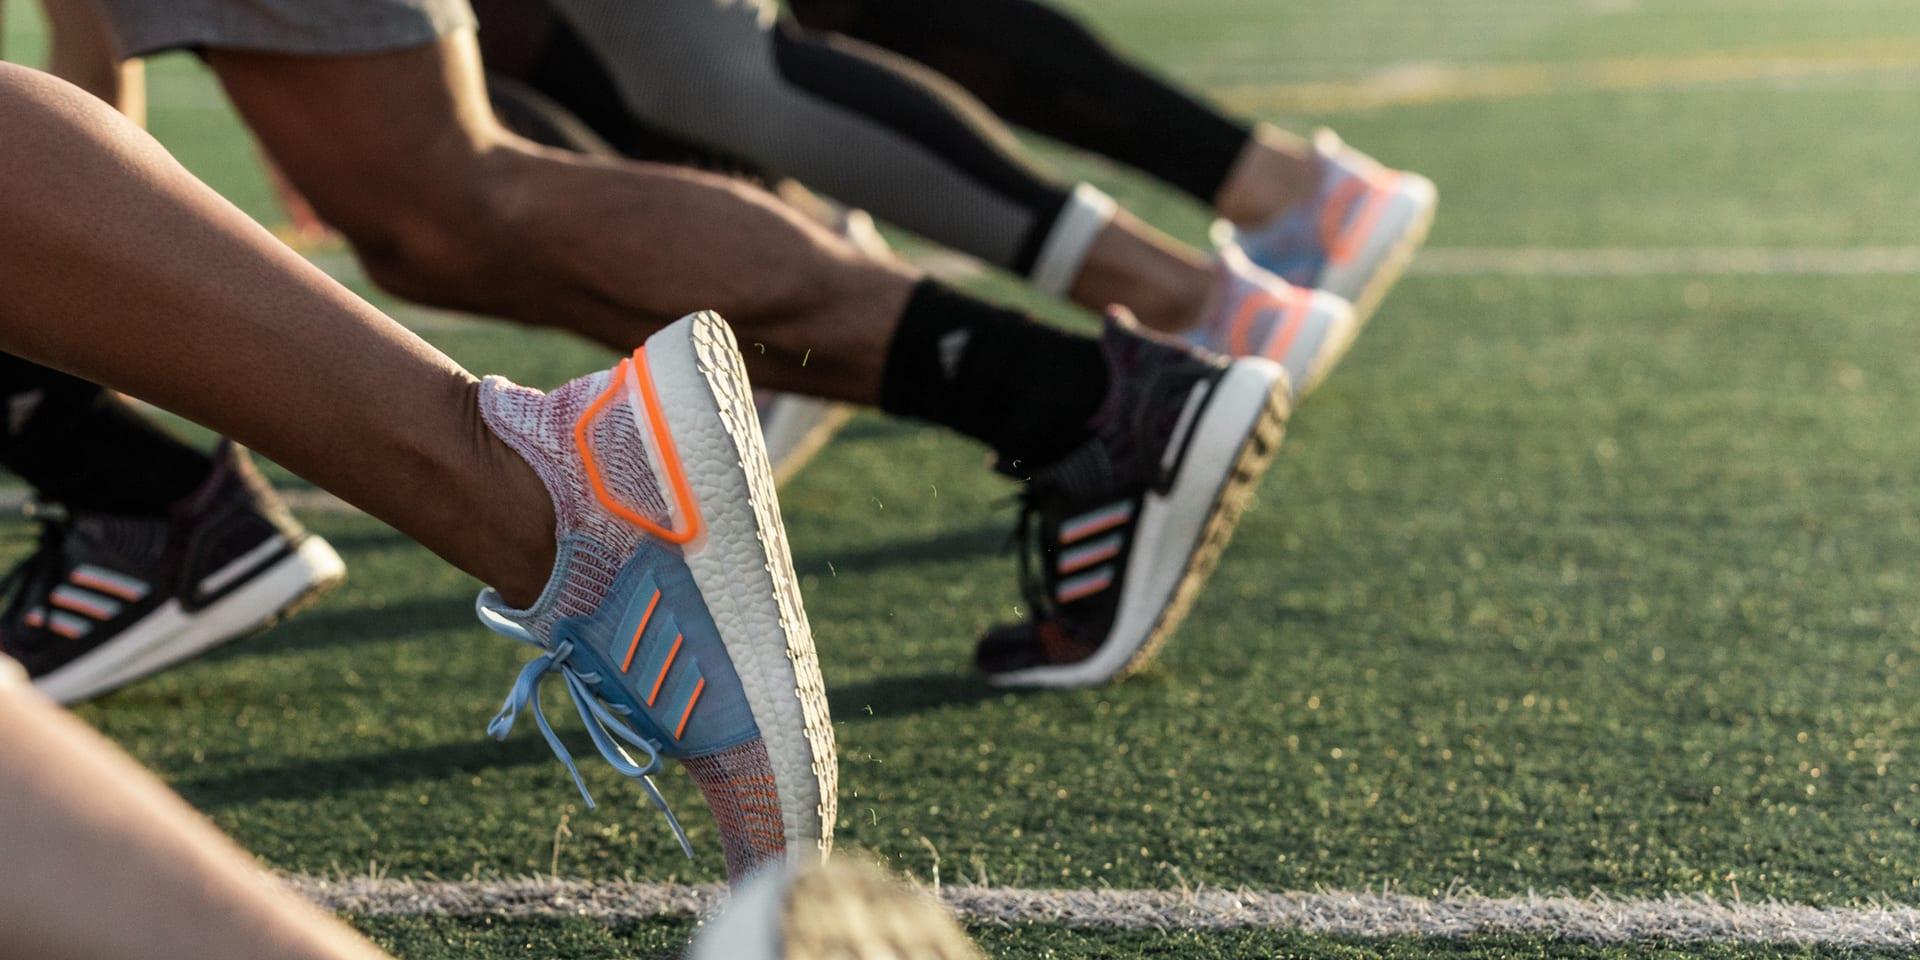 ebd850d4be587a adidas Singapore Online - Shop Sports & Originals | adidas SG